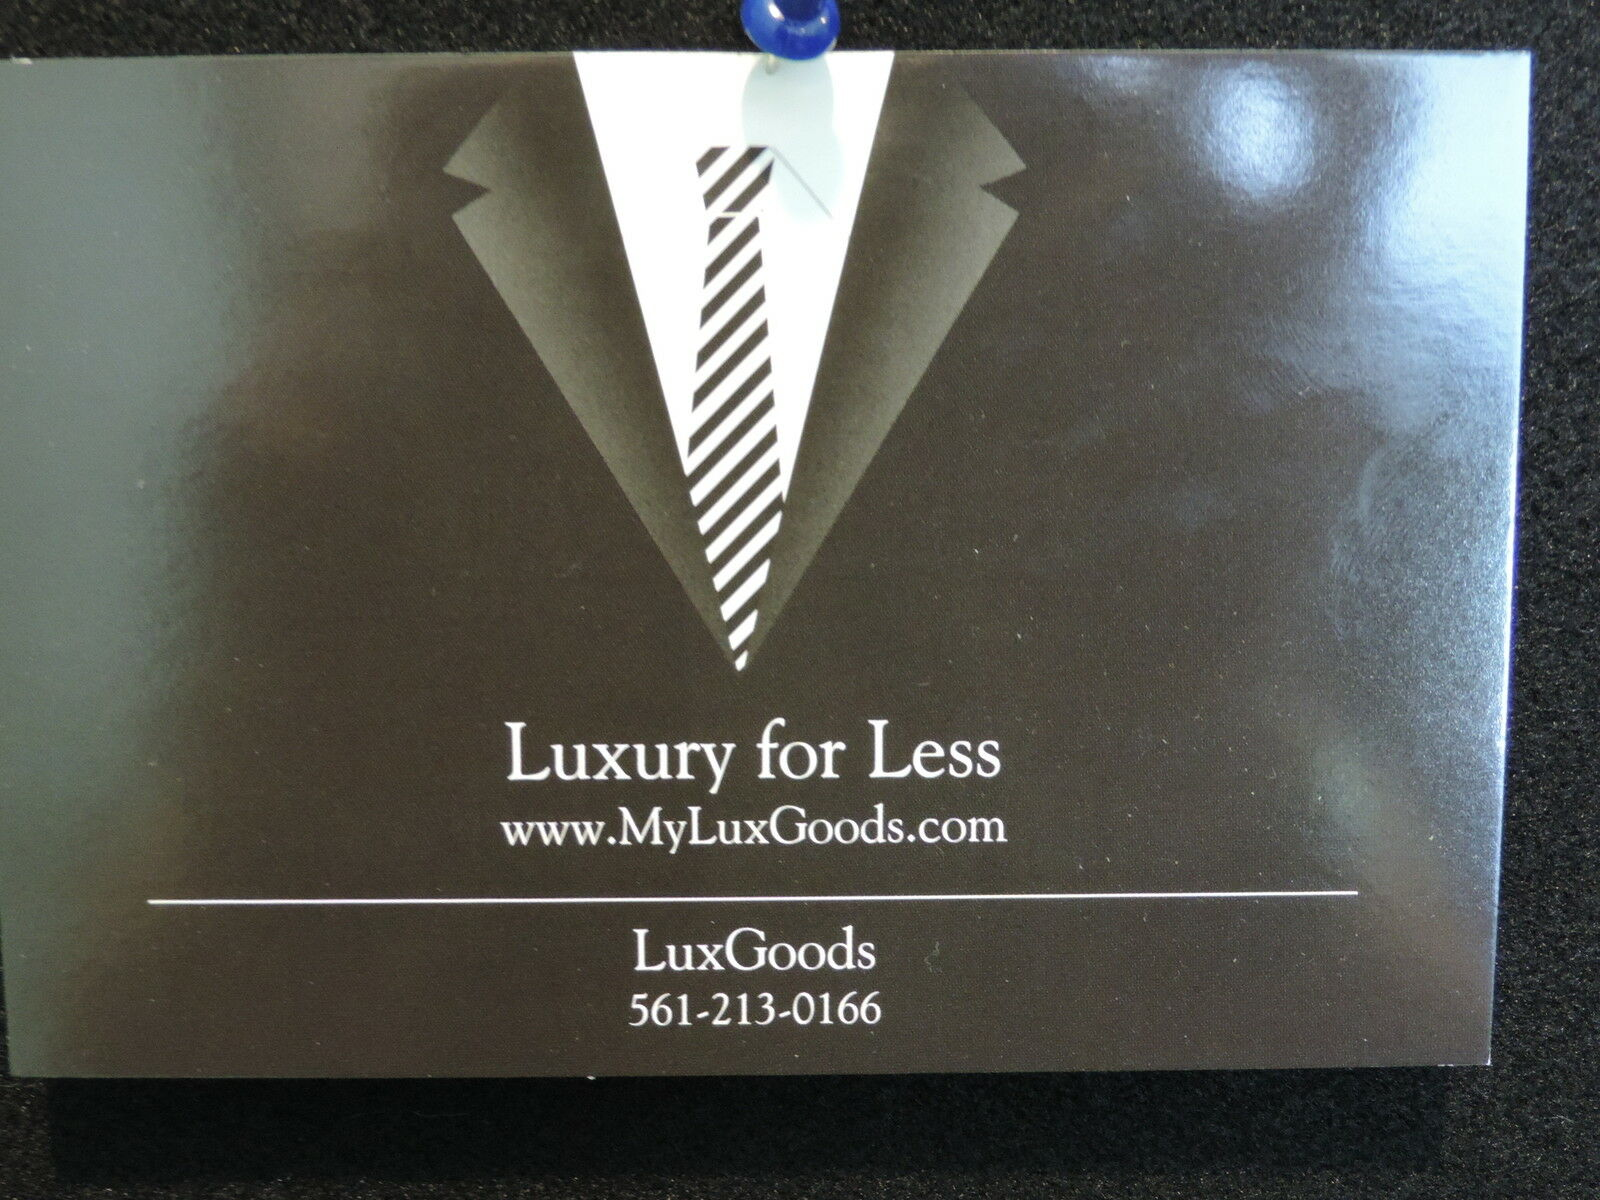 Luxgoods